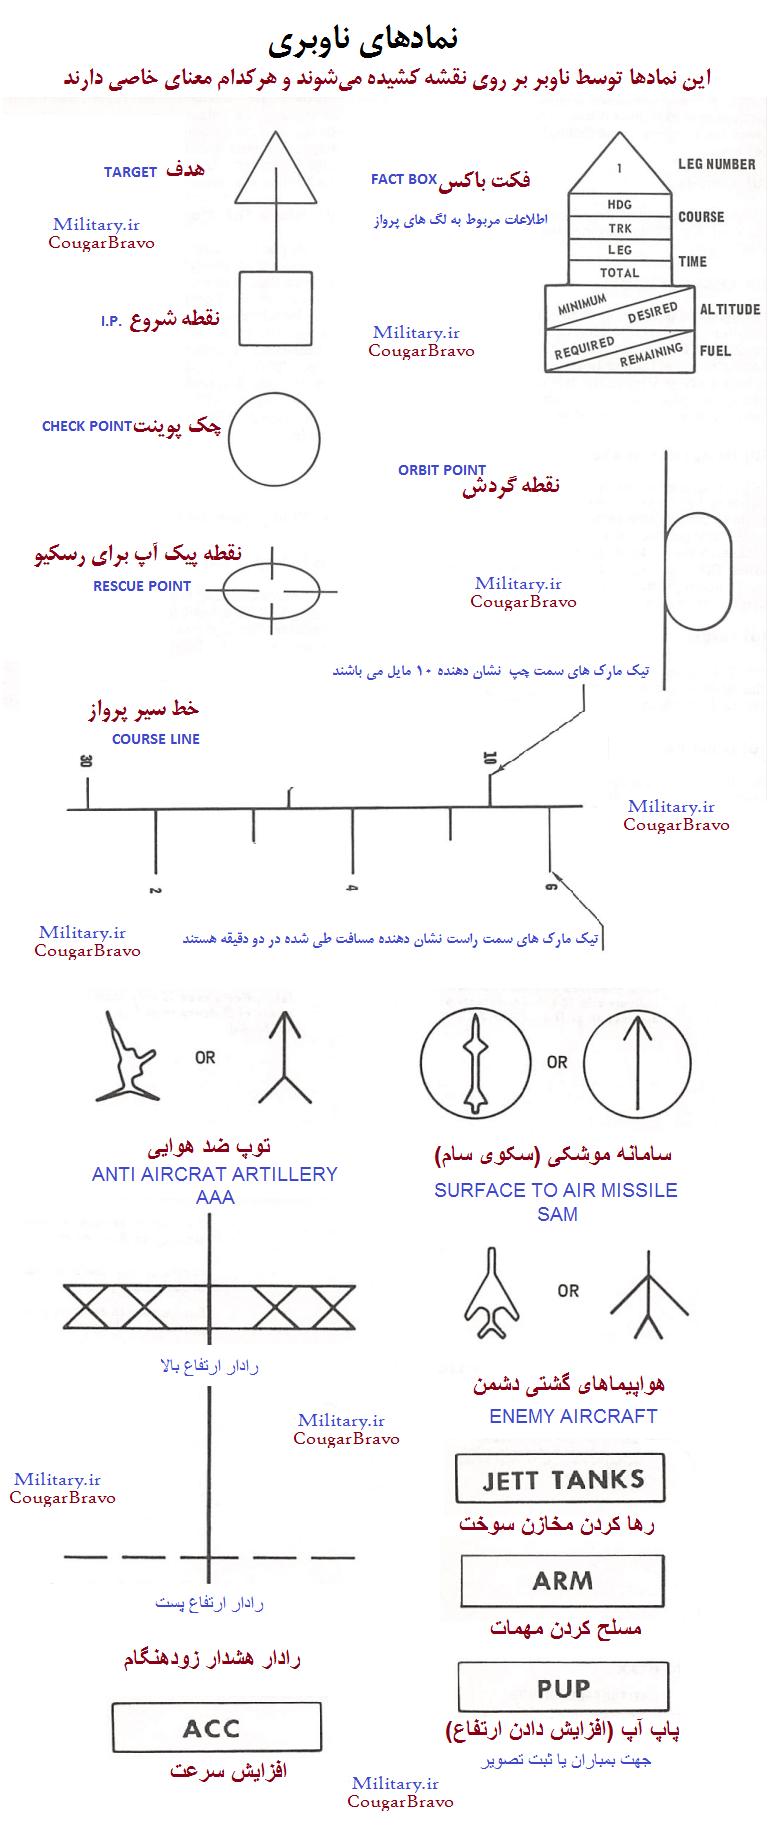 Navigation_Symbols.png